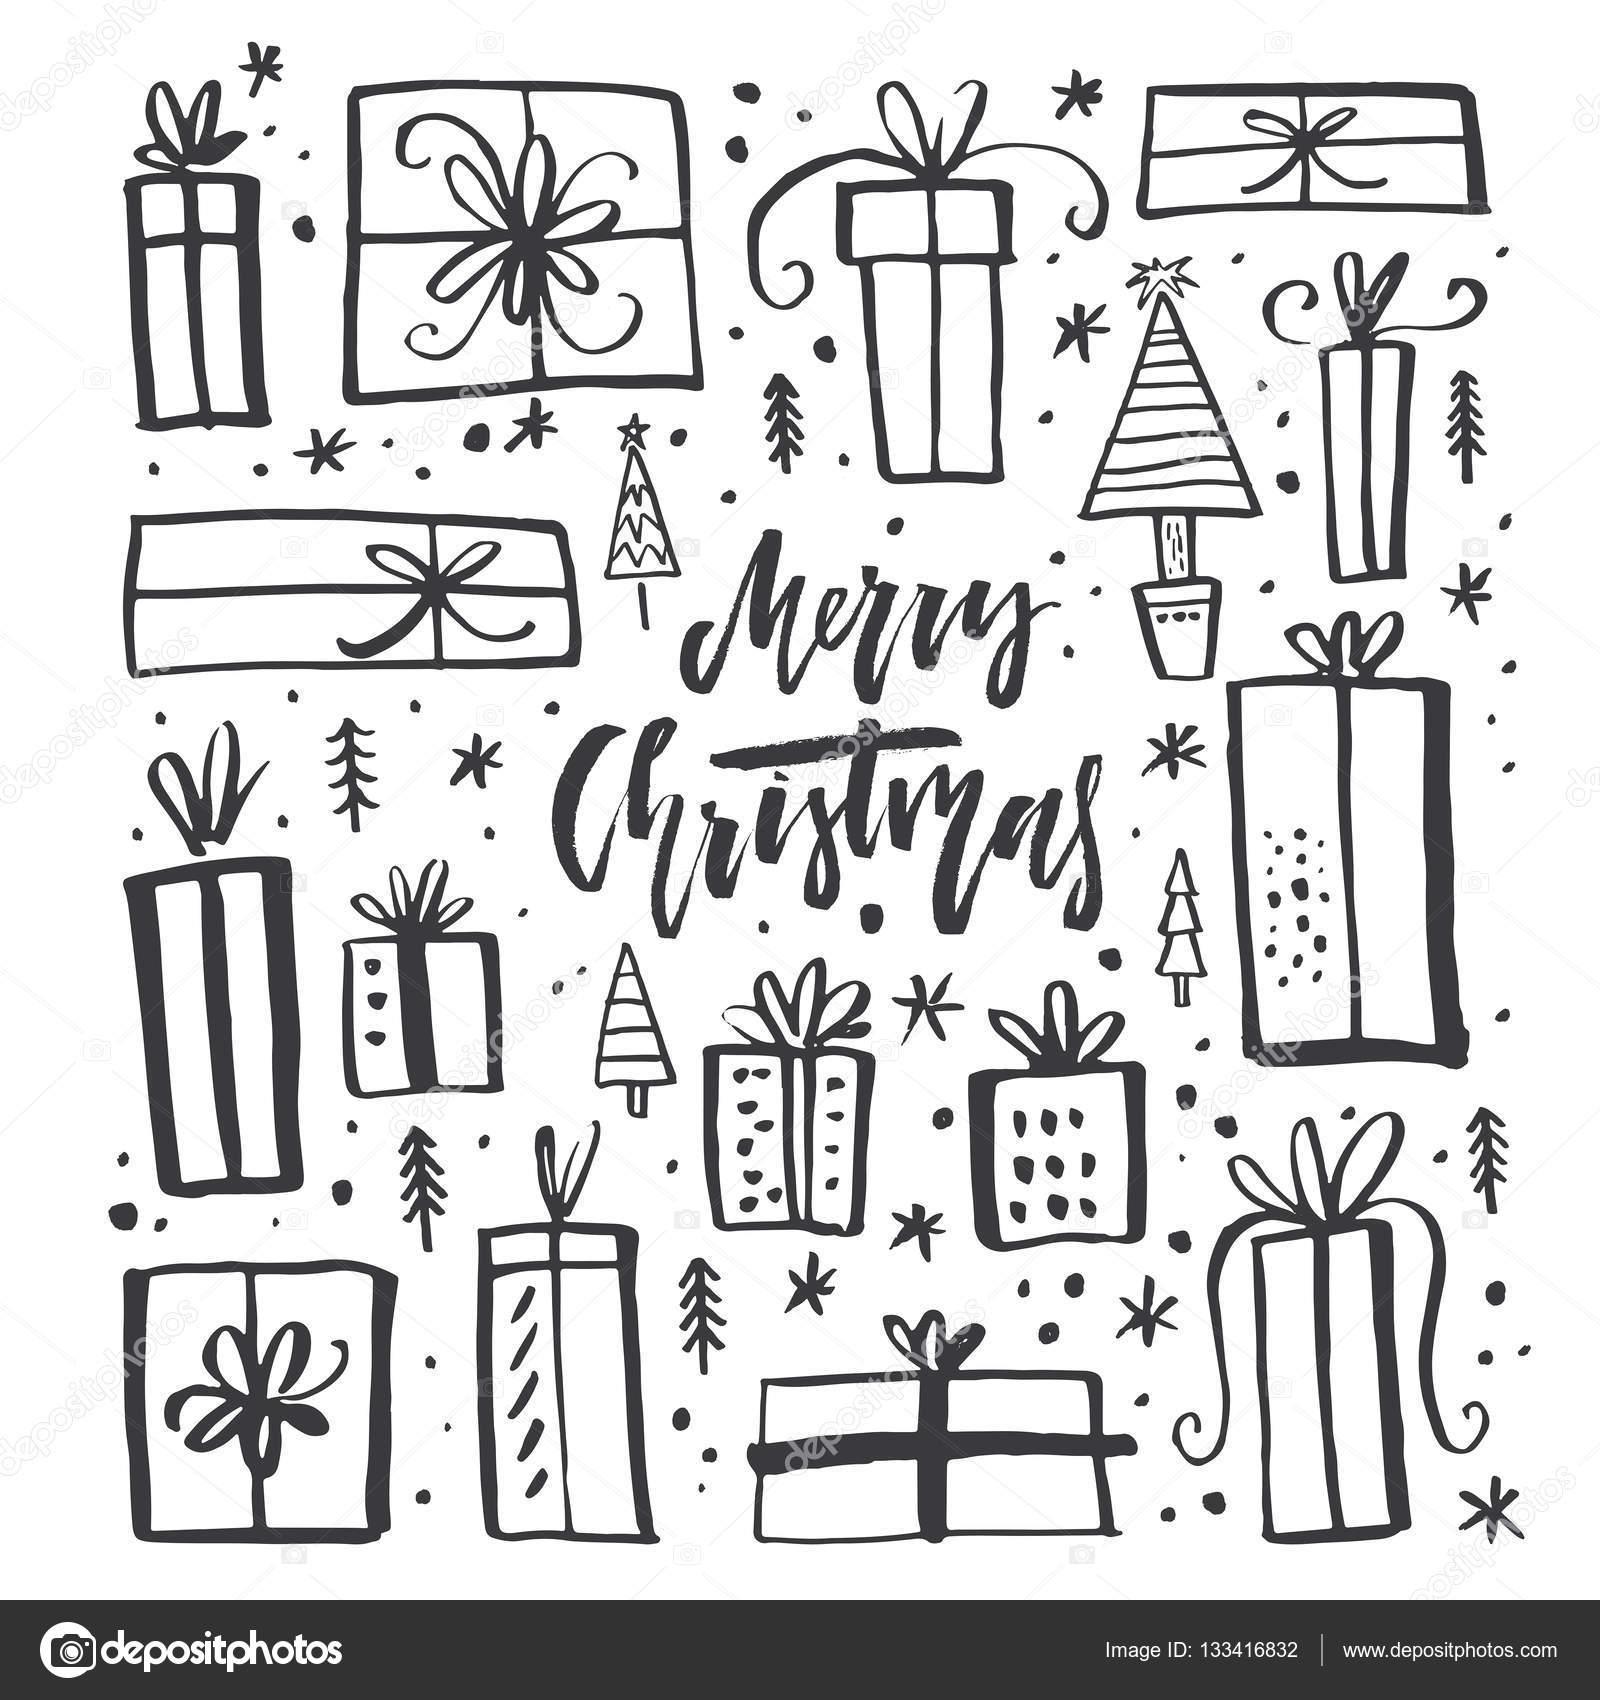 Weihnachtskarten Clipart.Weihnachten Geschenke Clipart Stockvektor Favetelinguis199